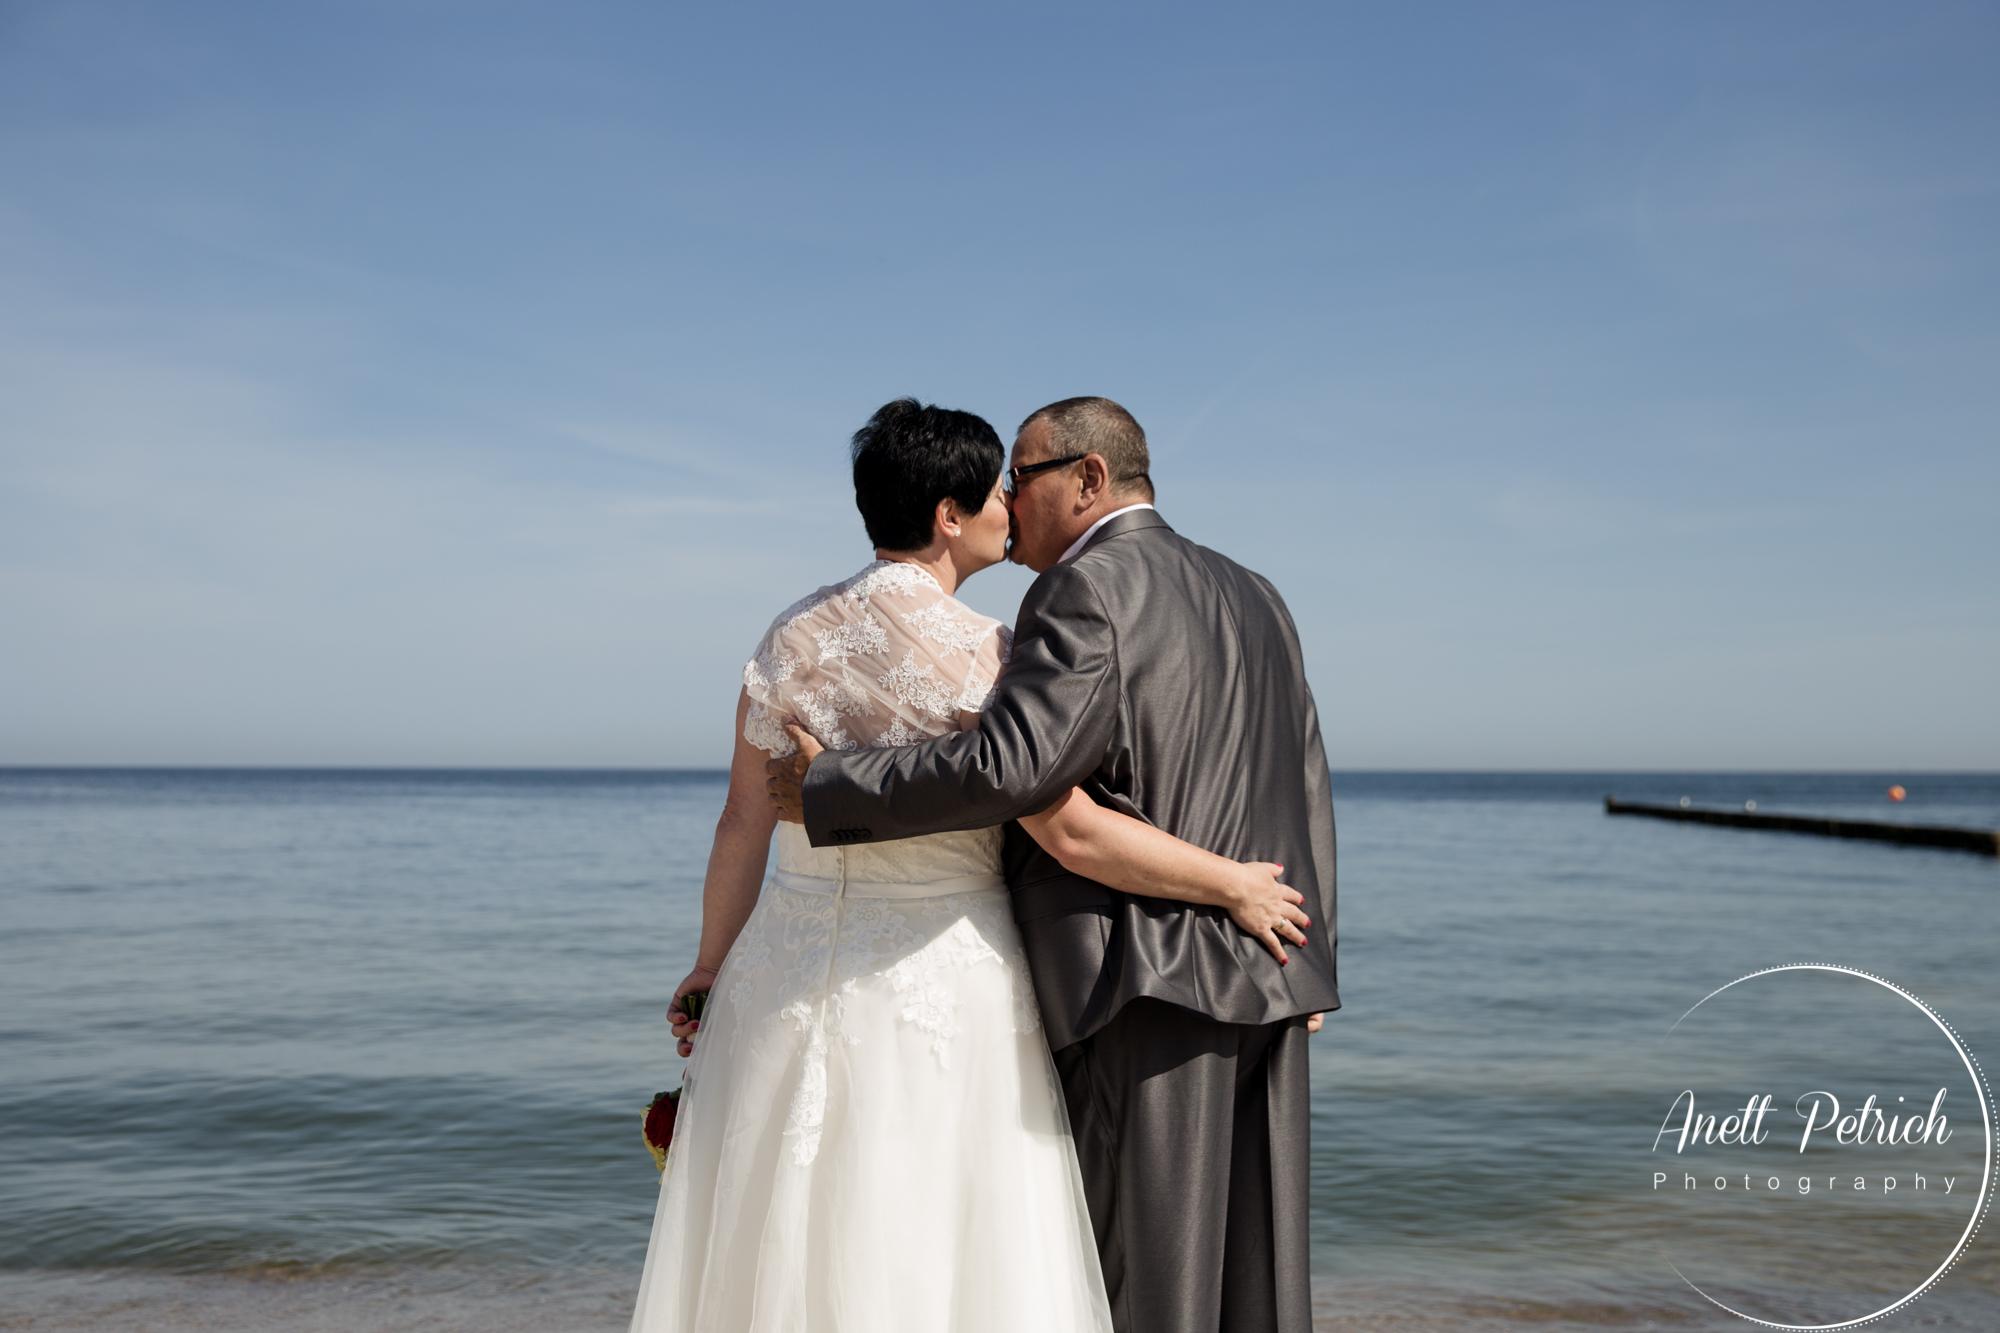 Heiraten im kleinsten Standesamt auf der Insel Usedom